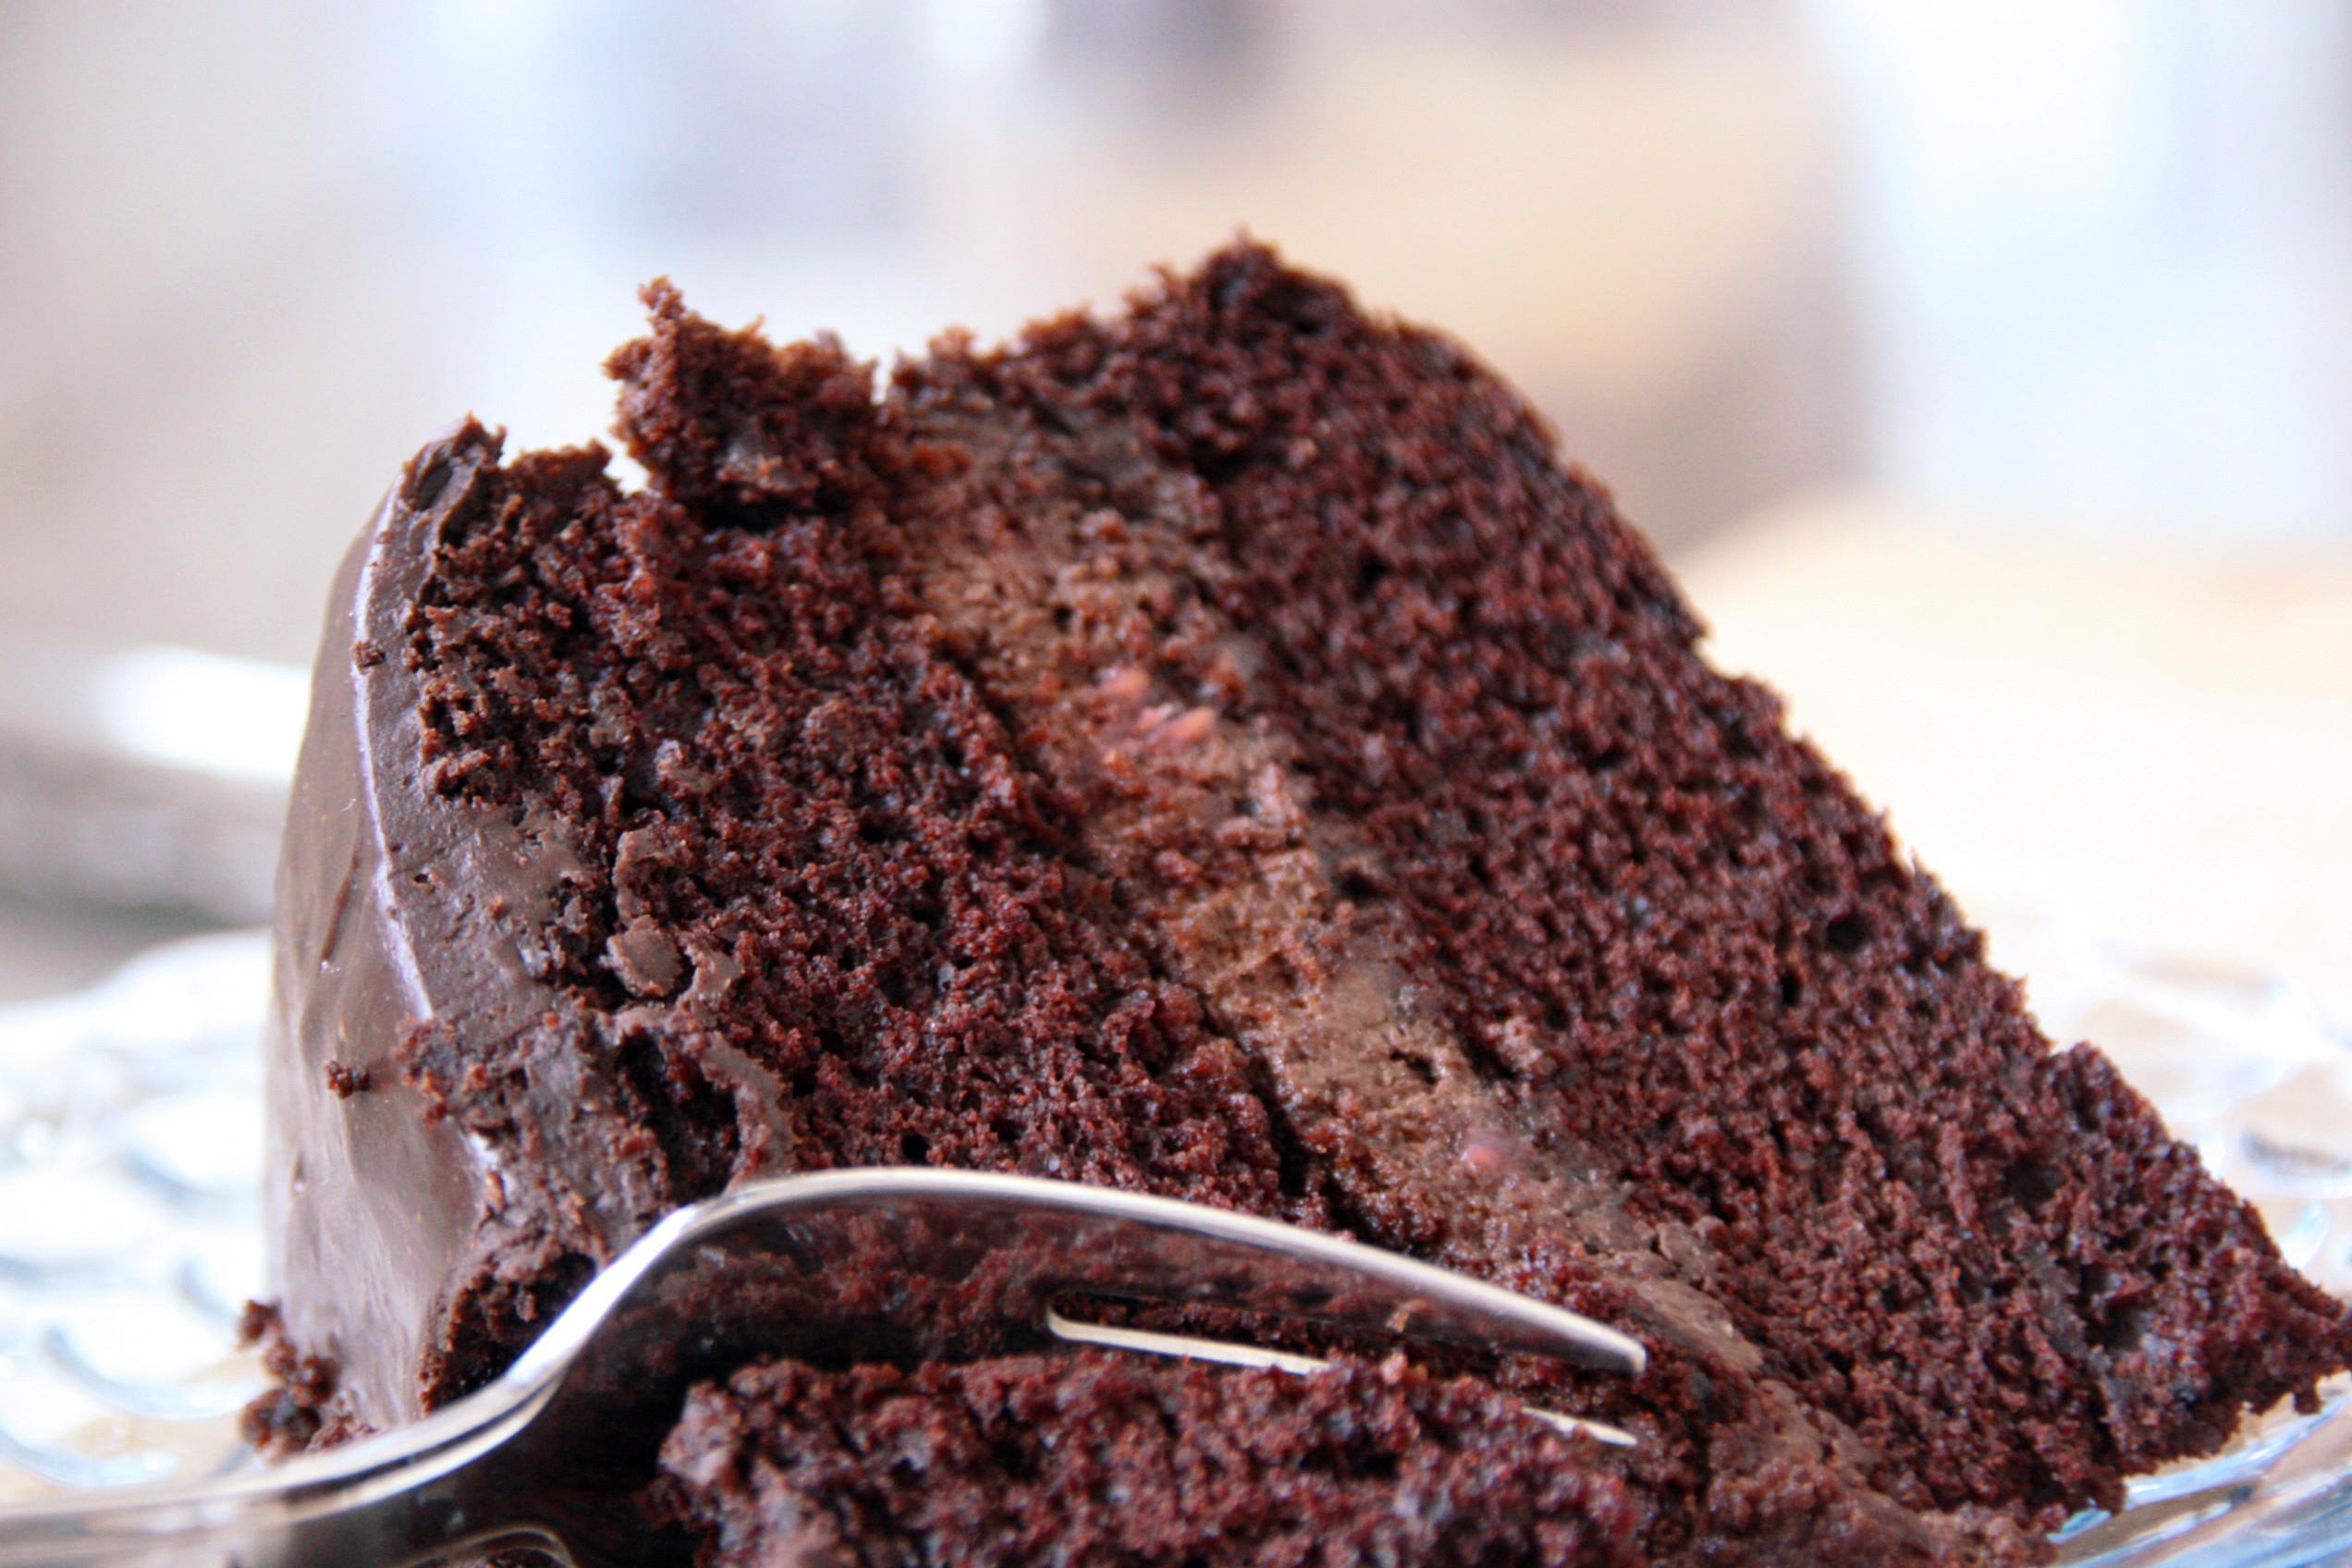 Recette Sans Gluten Marmiton Beau Photos Entremet Trois Chocolats Mousse Chocolat Noir Mousse Chocolat Au Des